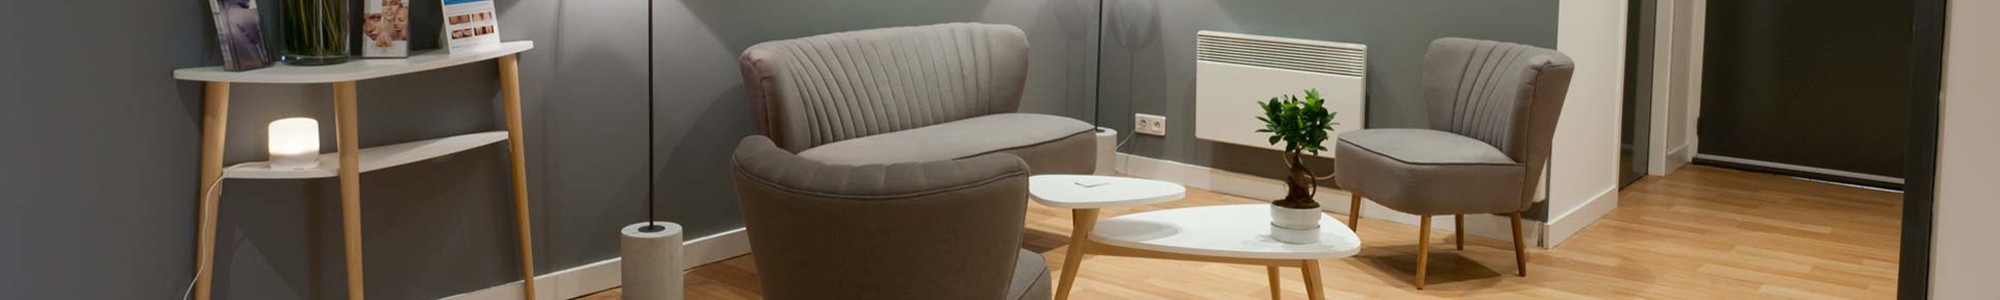 rendez vous centre laser lille. Black Bedroom Furniture Sets. Home Design Ideas